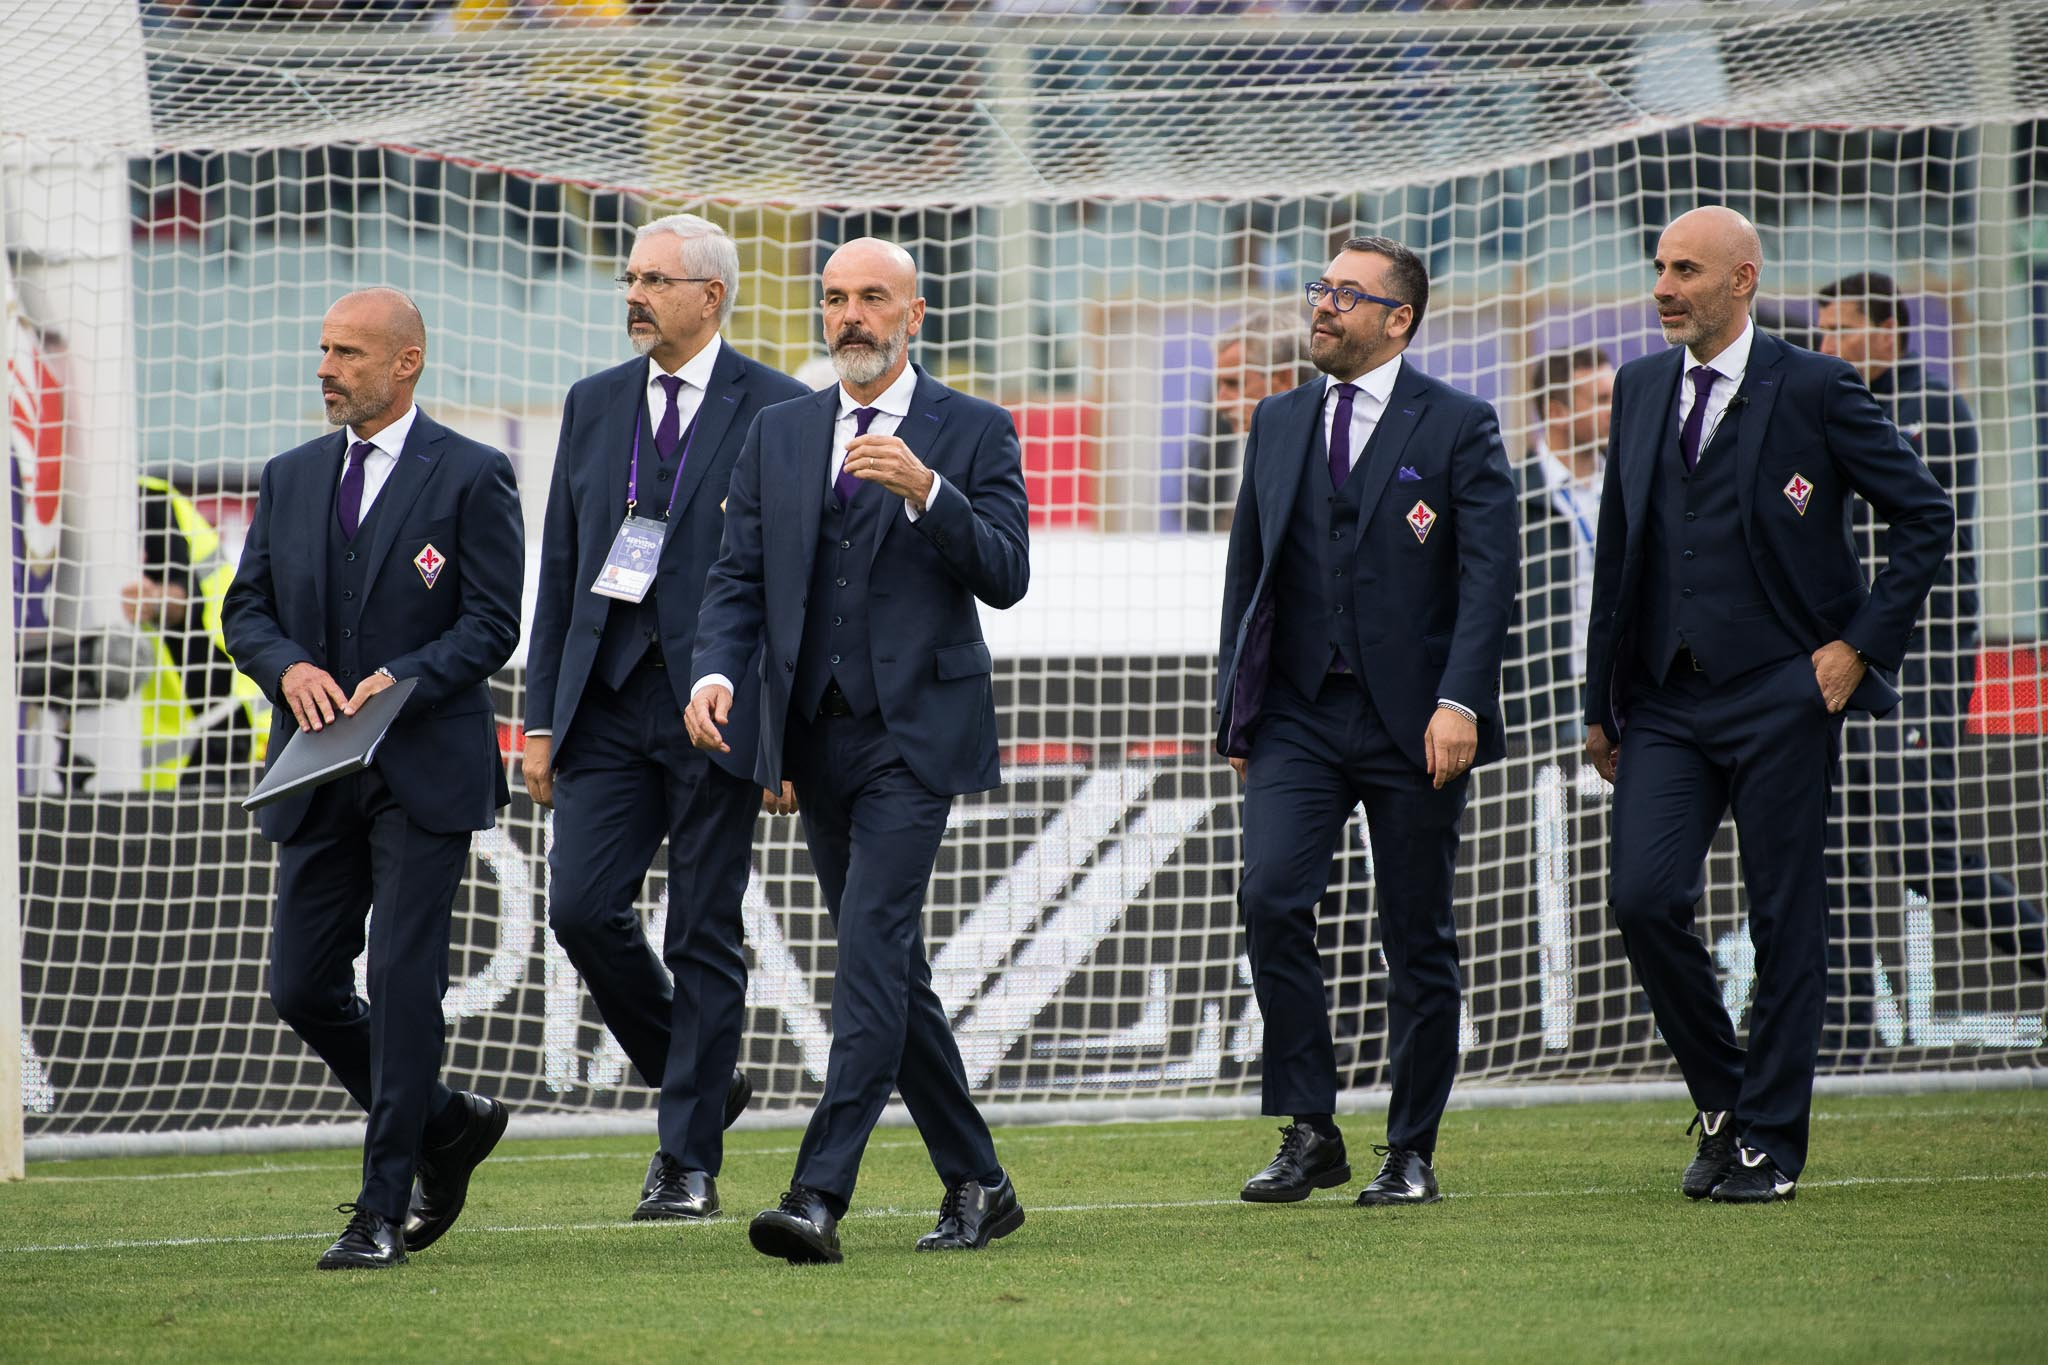 Le Probabili Formazioni di Fiorentina - Atalanta e quell'assenza che può pesare